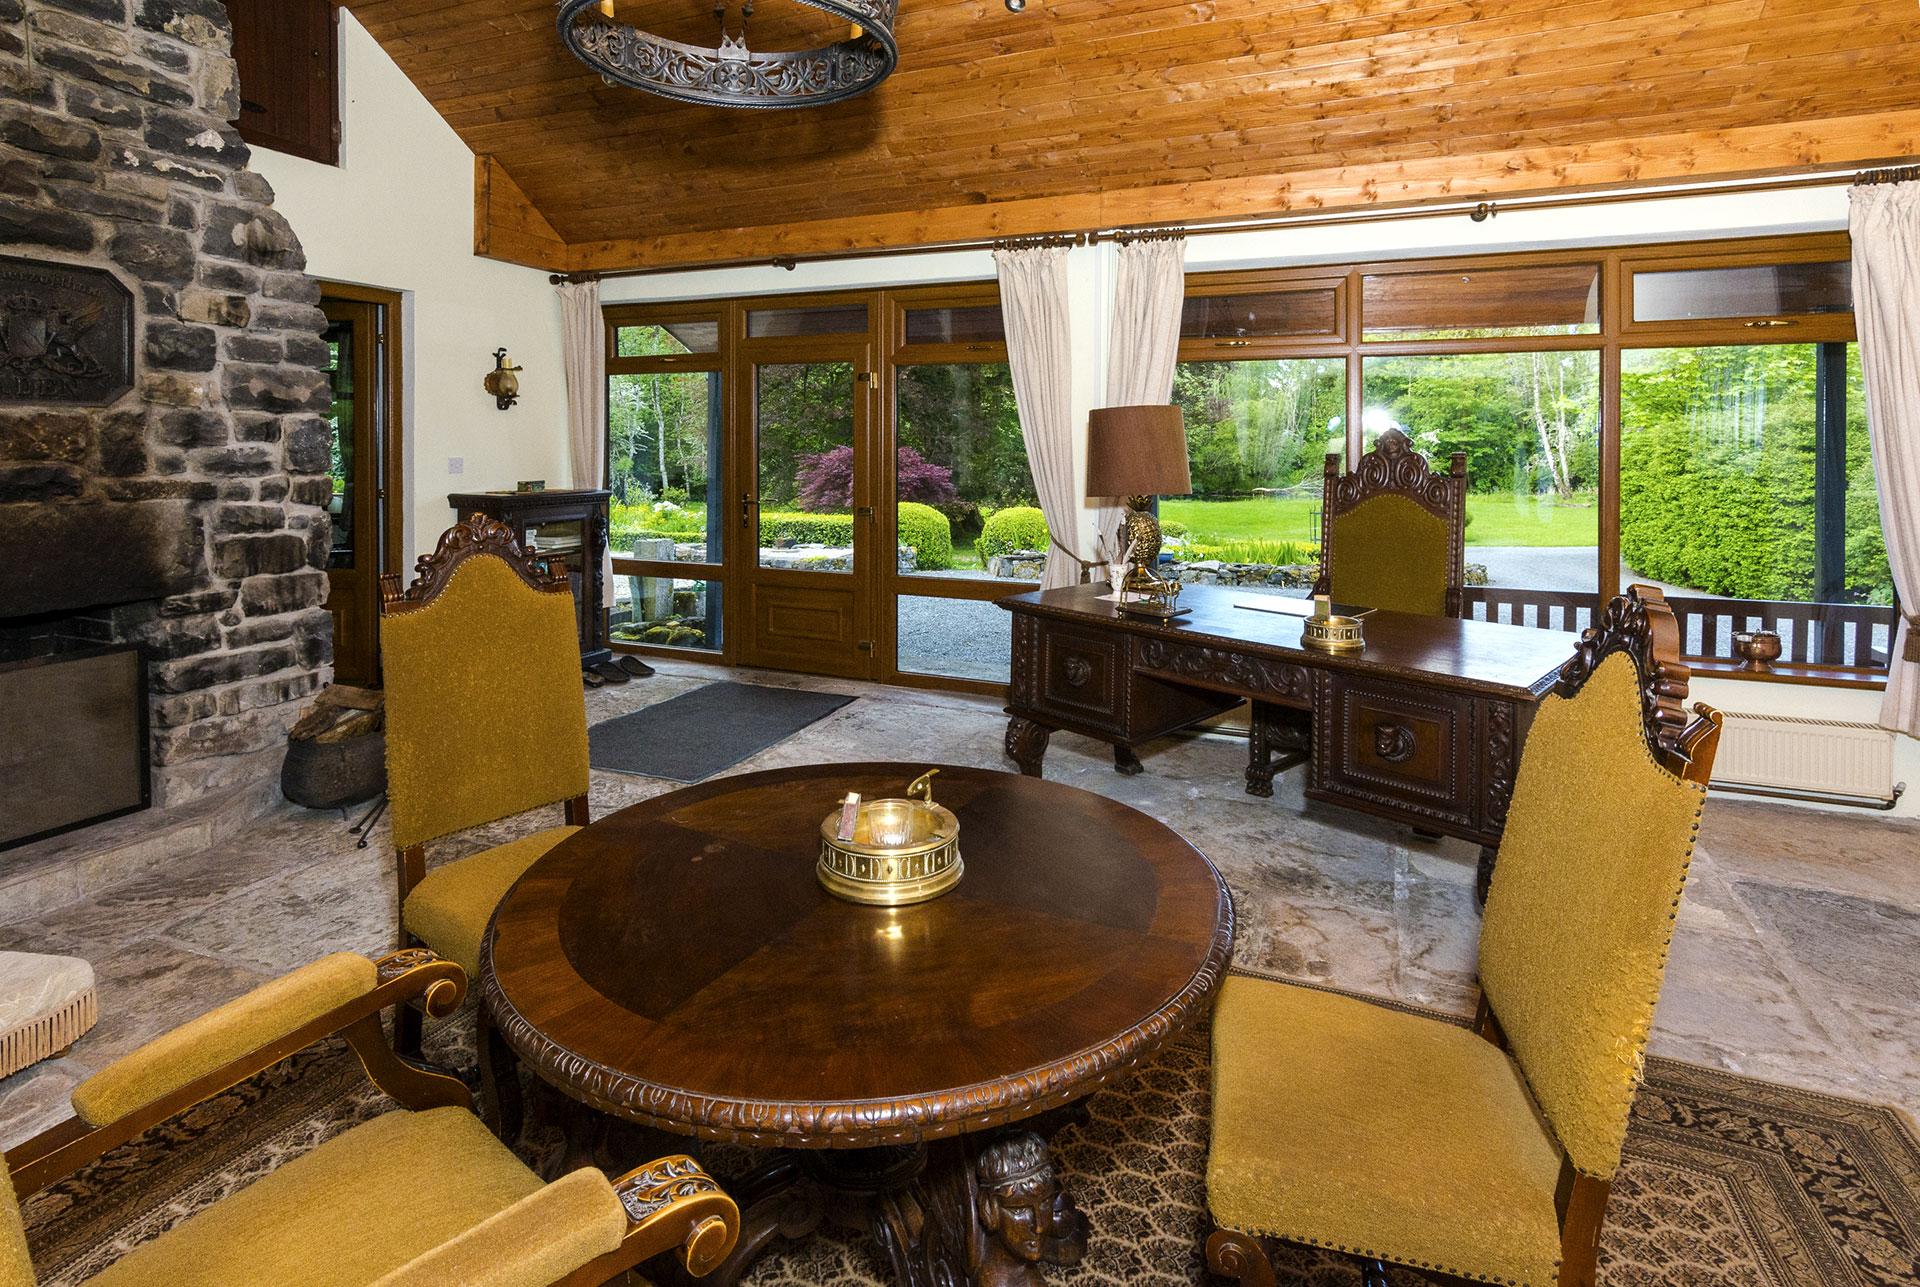 Impressionen | Knockvicar-Haus | Irland von seiner schönsten Seite